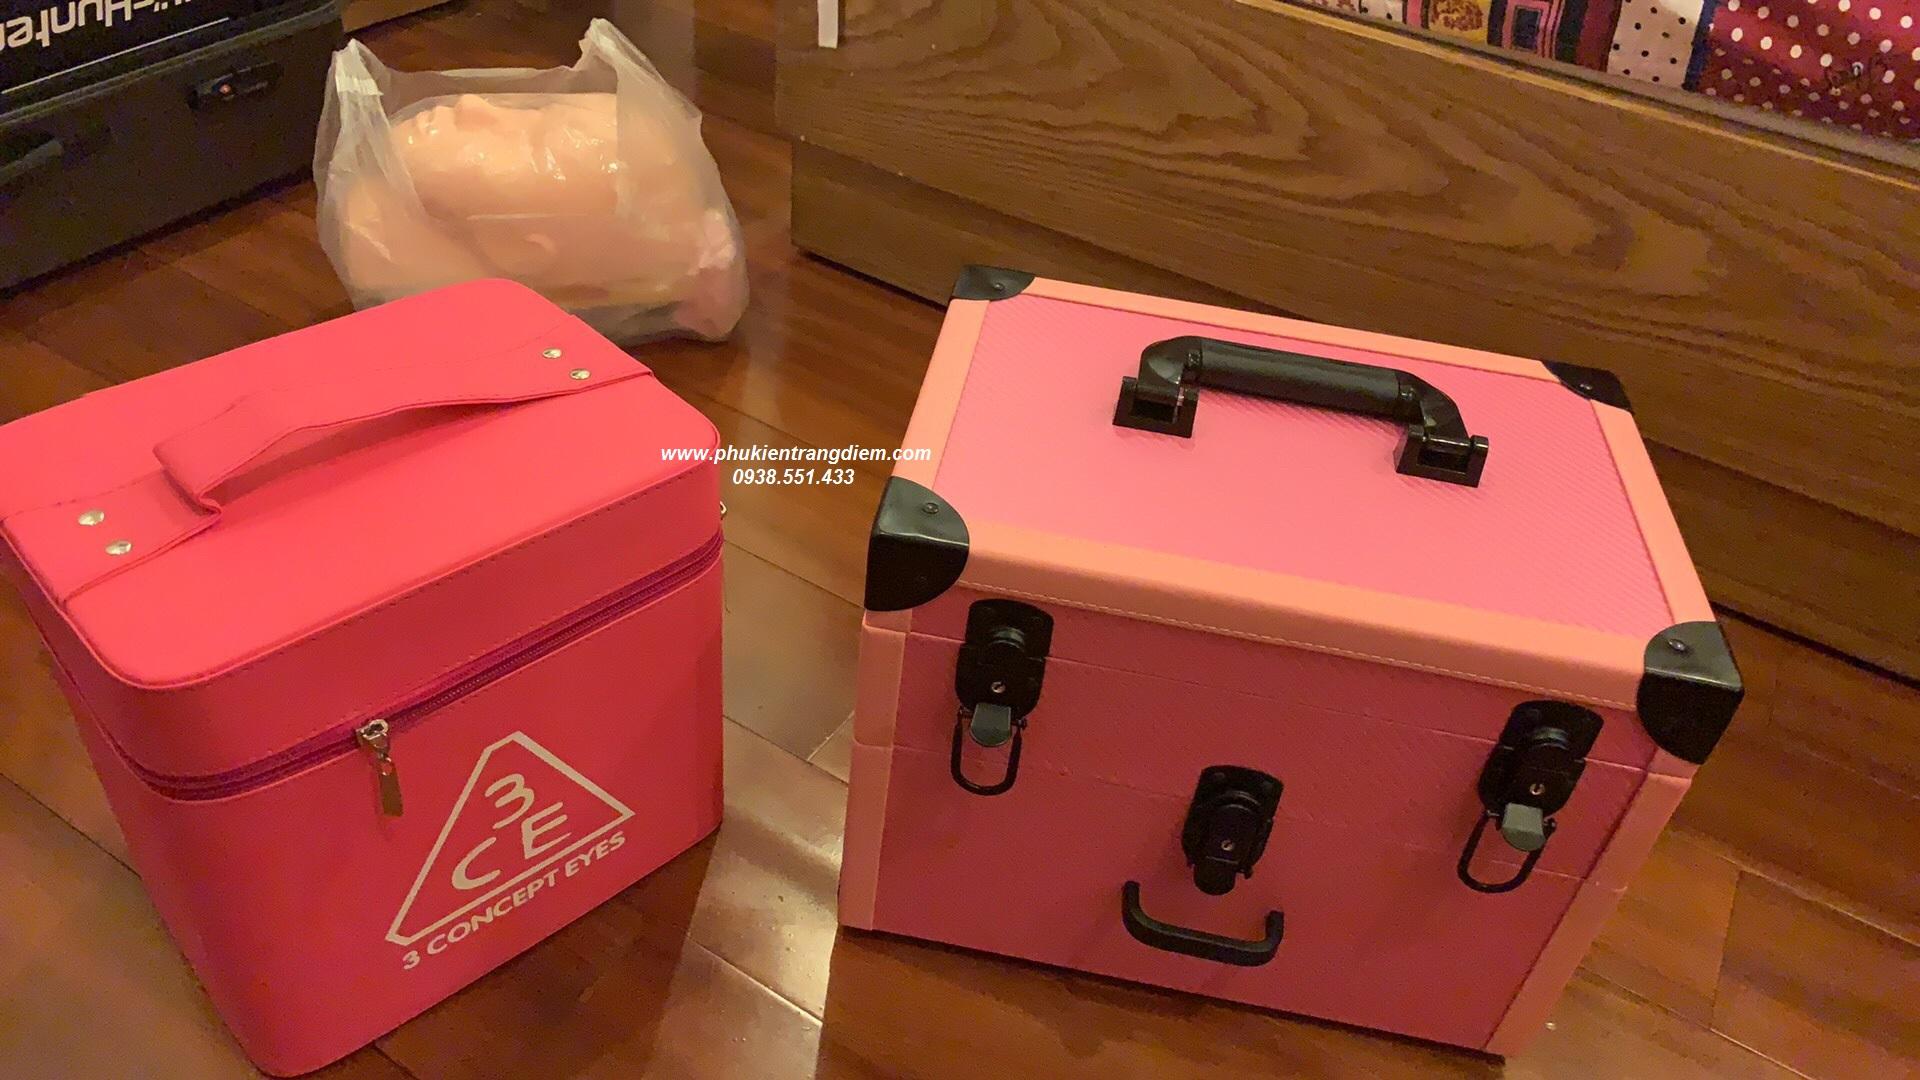 cốp thùng trang điểm phun xăm nối mi màu hồng